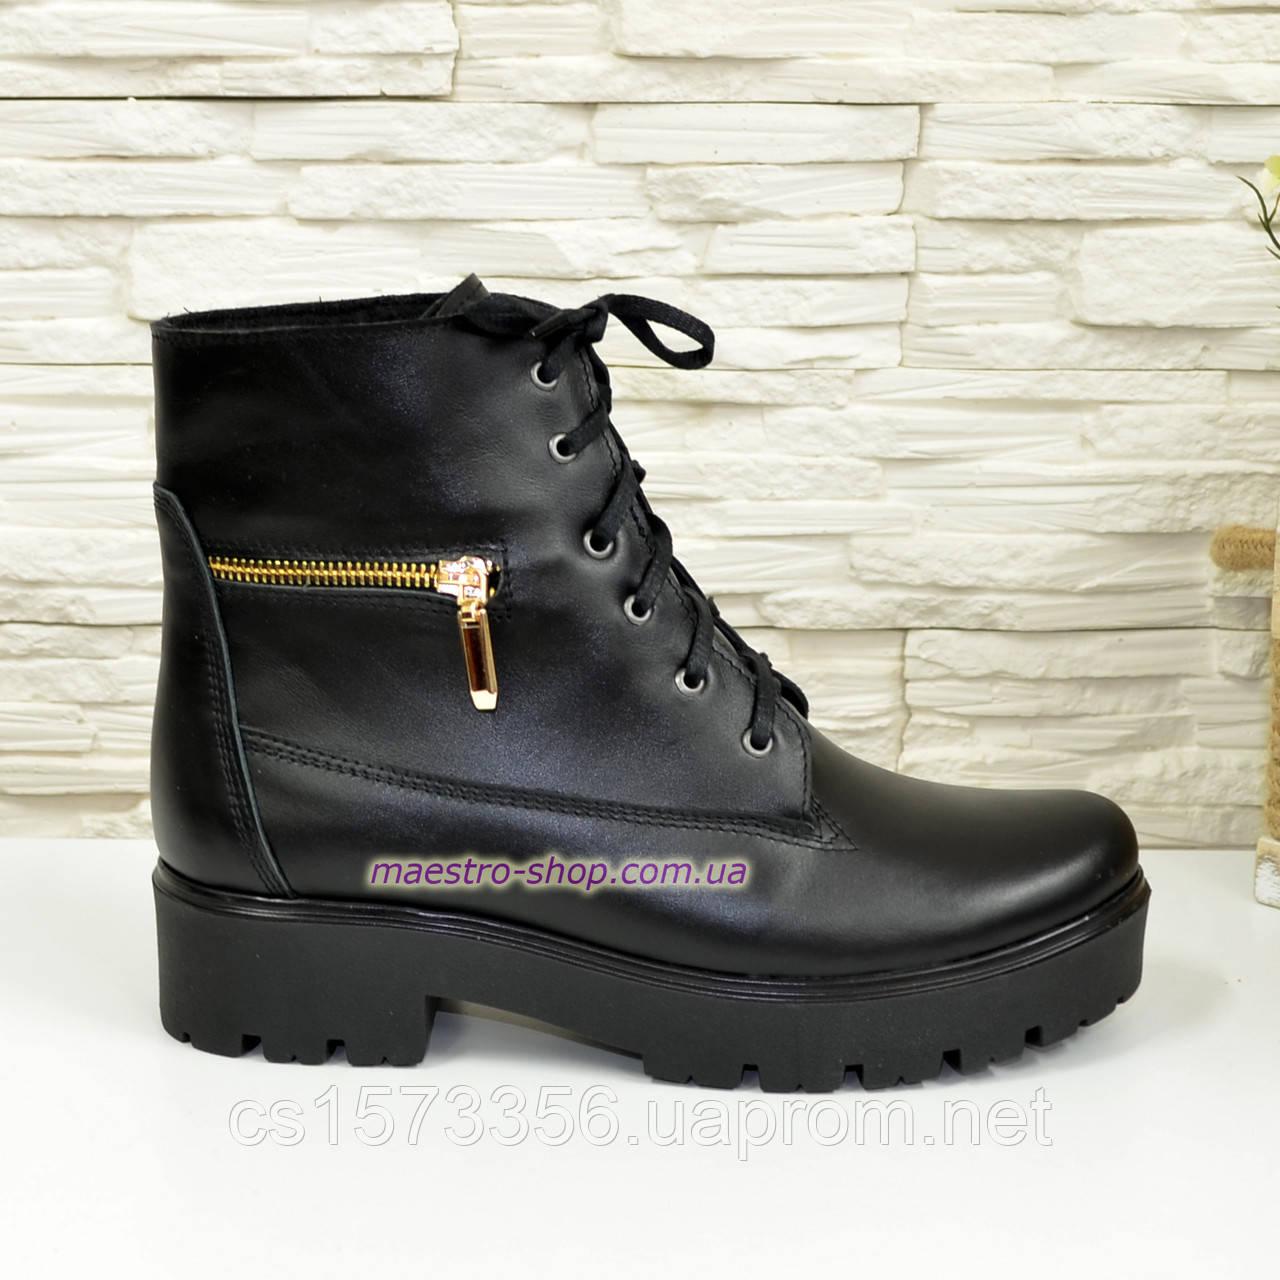 Ботинки женские зимние кожаные на шнуровке, подошва утолщенная